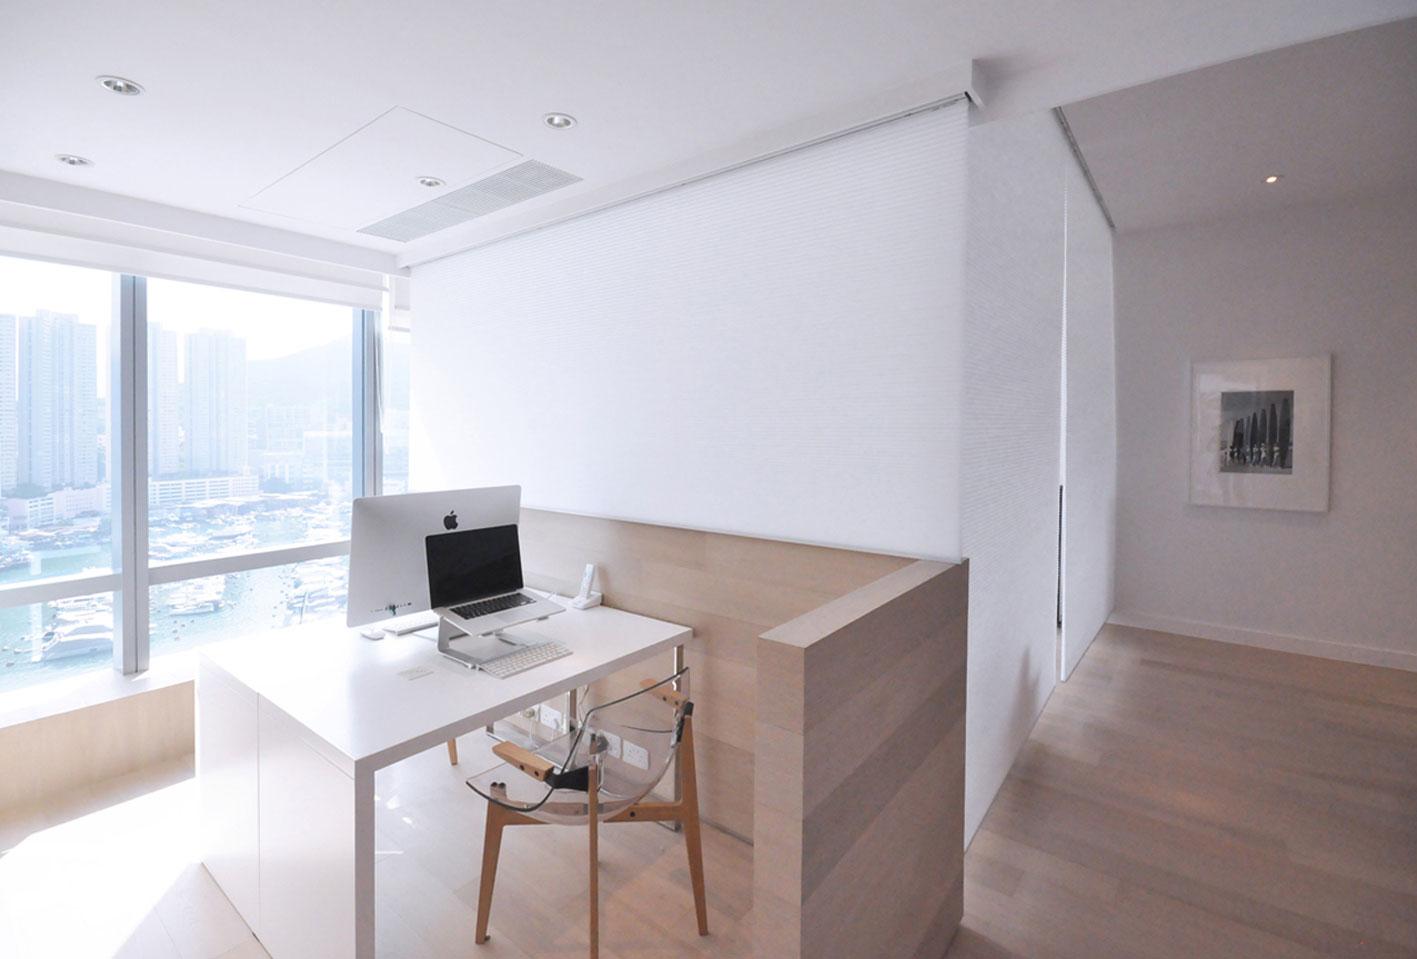 北欧简约风格一居室装修书桌设计图